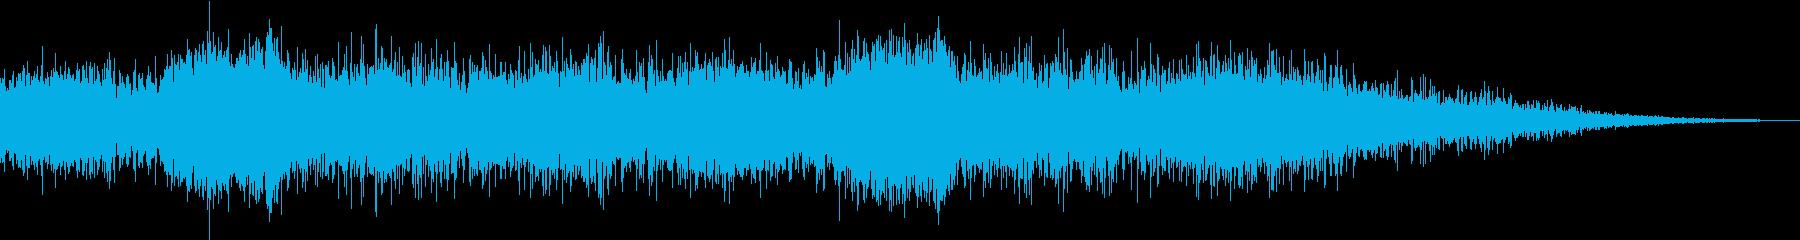 Anime ブクブクと湧き出る妖気 SEの再生済みの波形